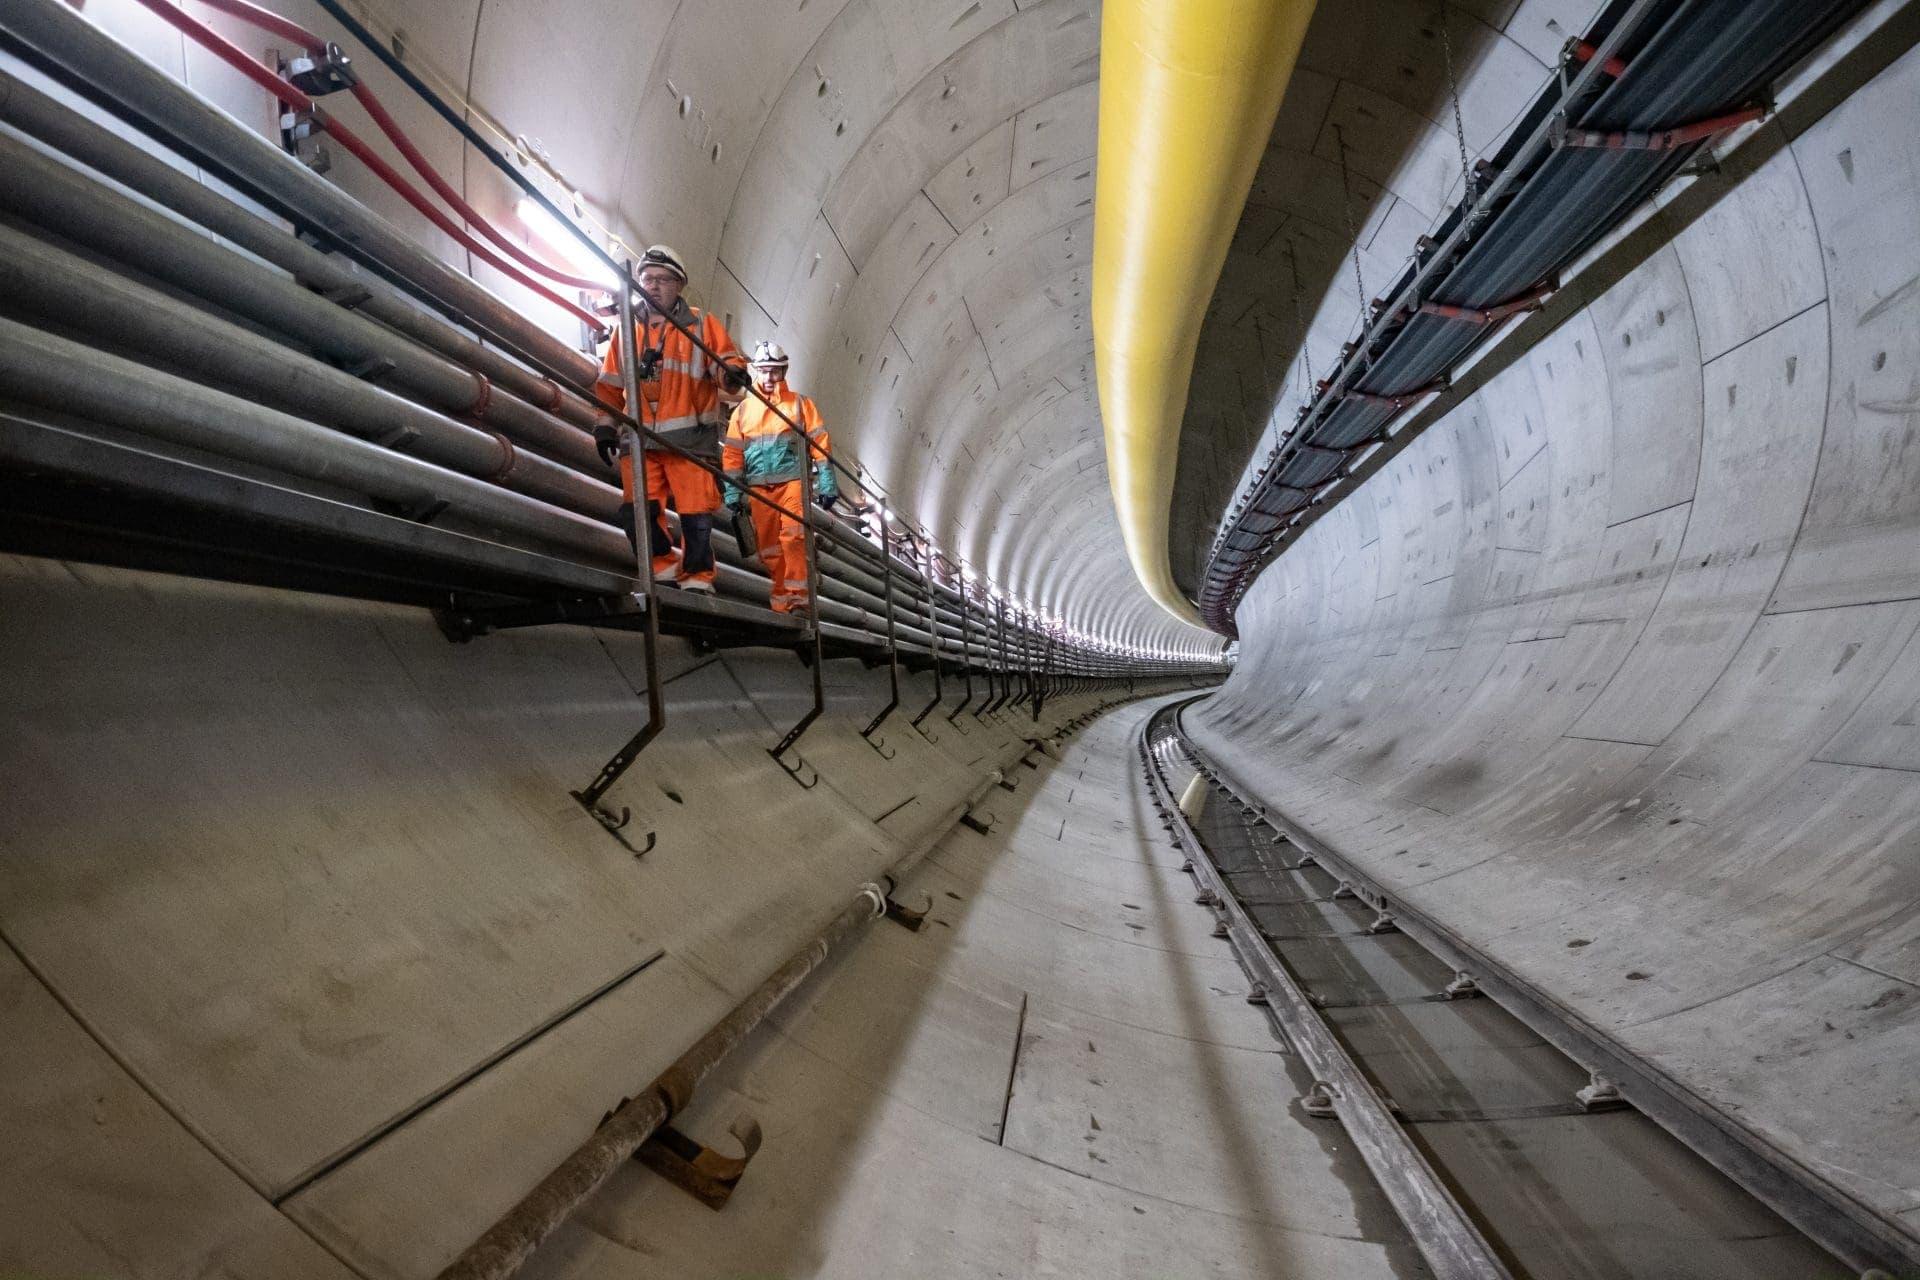 Foto del interior de un túnel con 2 operarios caminando dentro